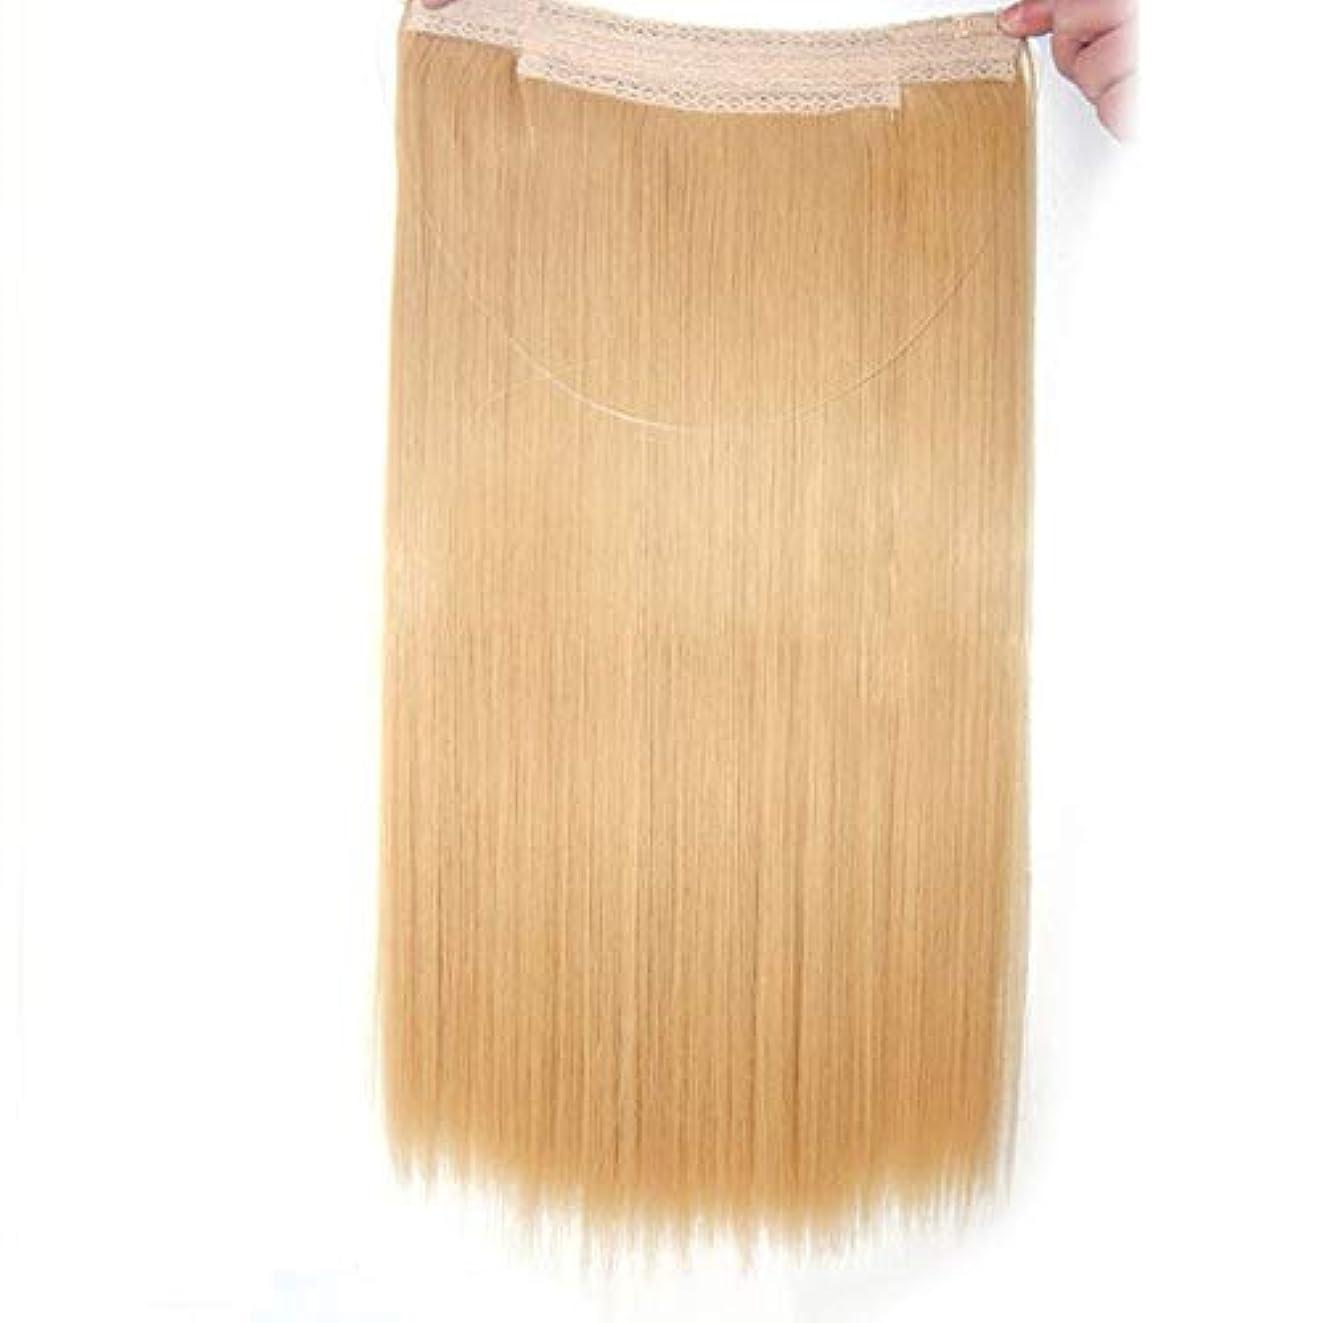 アラートパニックラベルWASAIO 女性のためのストレート延長ロングかつらブロンドブラウン色のヘアエクステンションクリップのシームレスな髪型隠しワイヤー (色 : Blonde, サイズ : 10 inch)